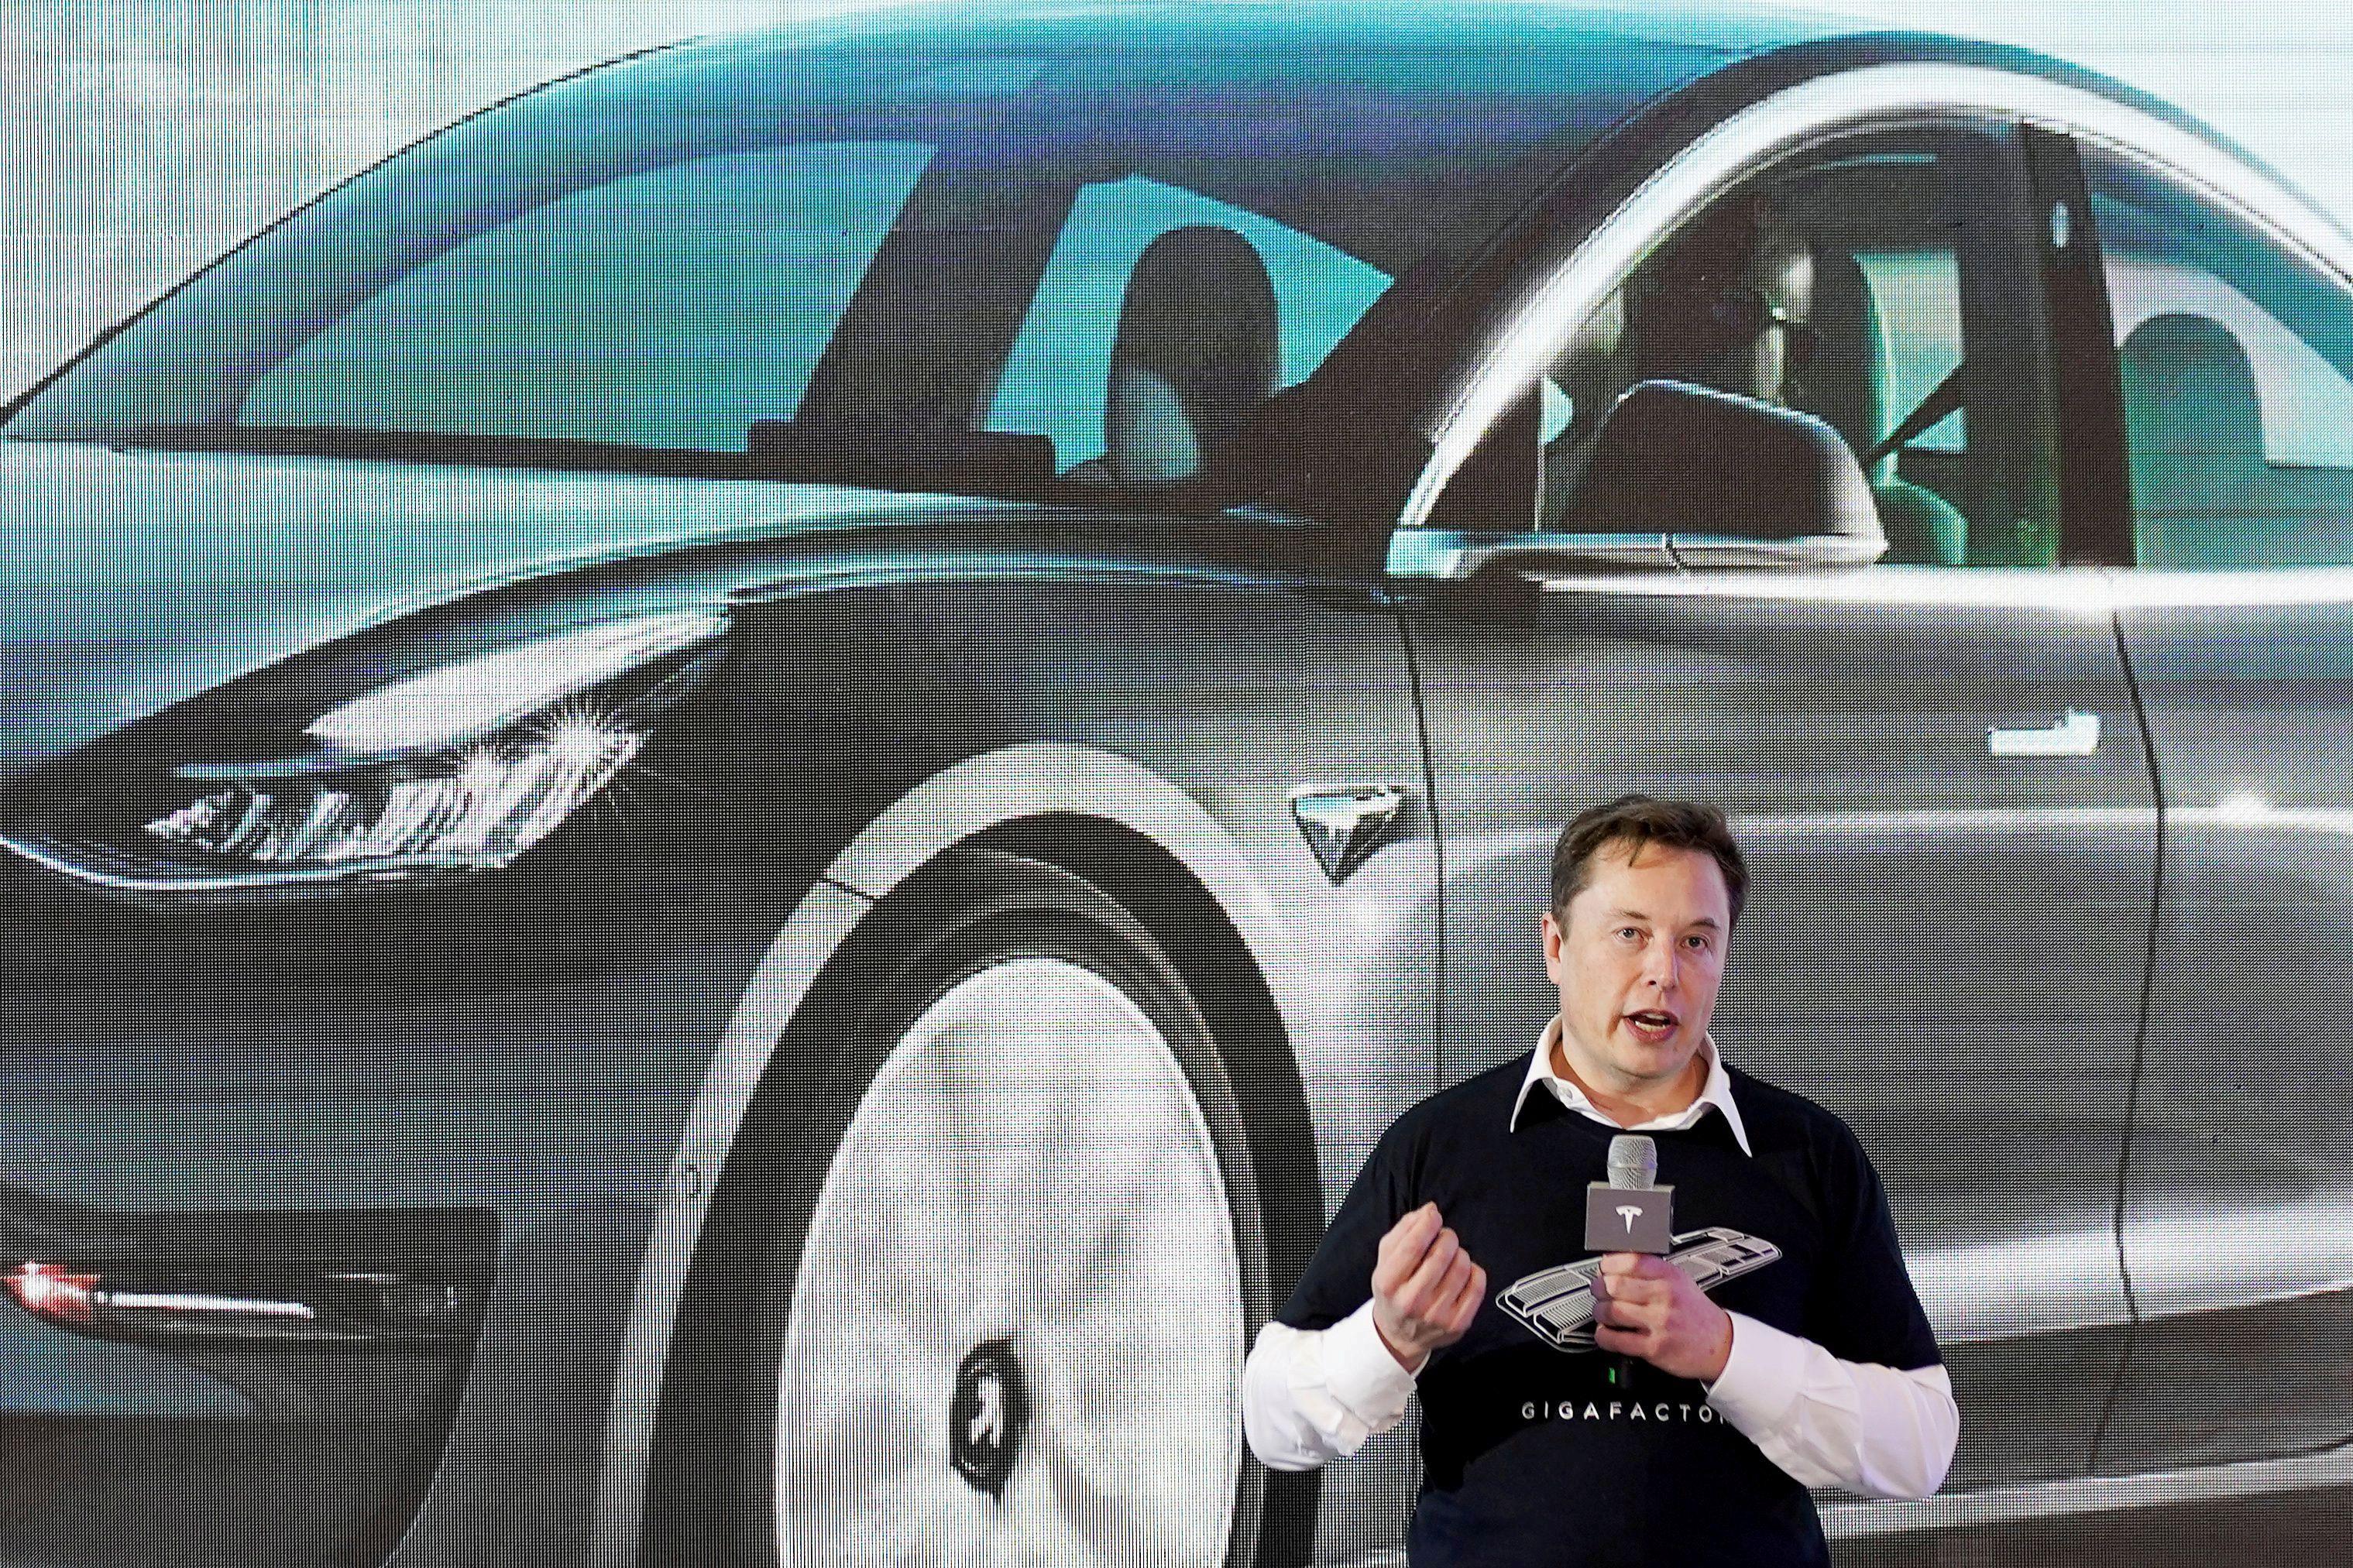 Elon Musk, fundador de Tesla, fabricante de autos eléctricos, en una presentación en China  China January 7, 2020. REUTERS/Aly Song/File Photo